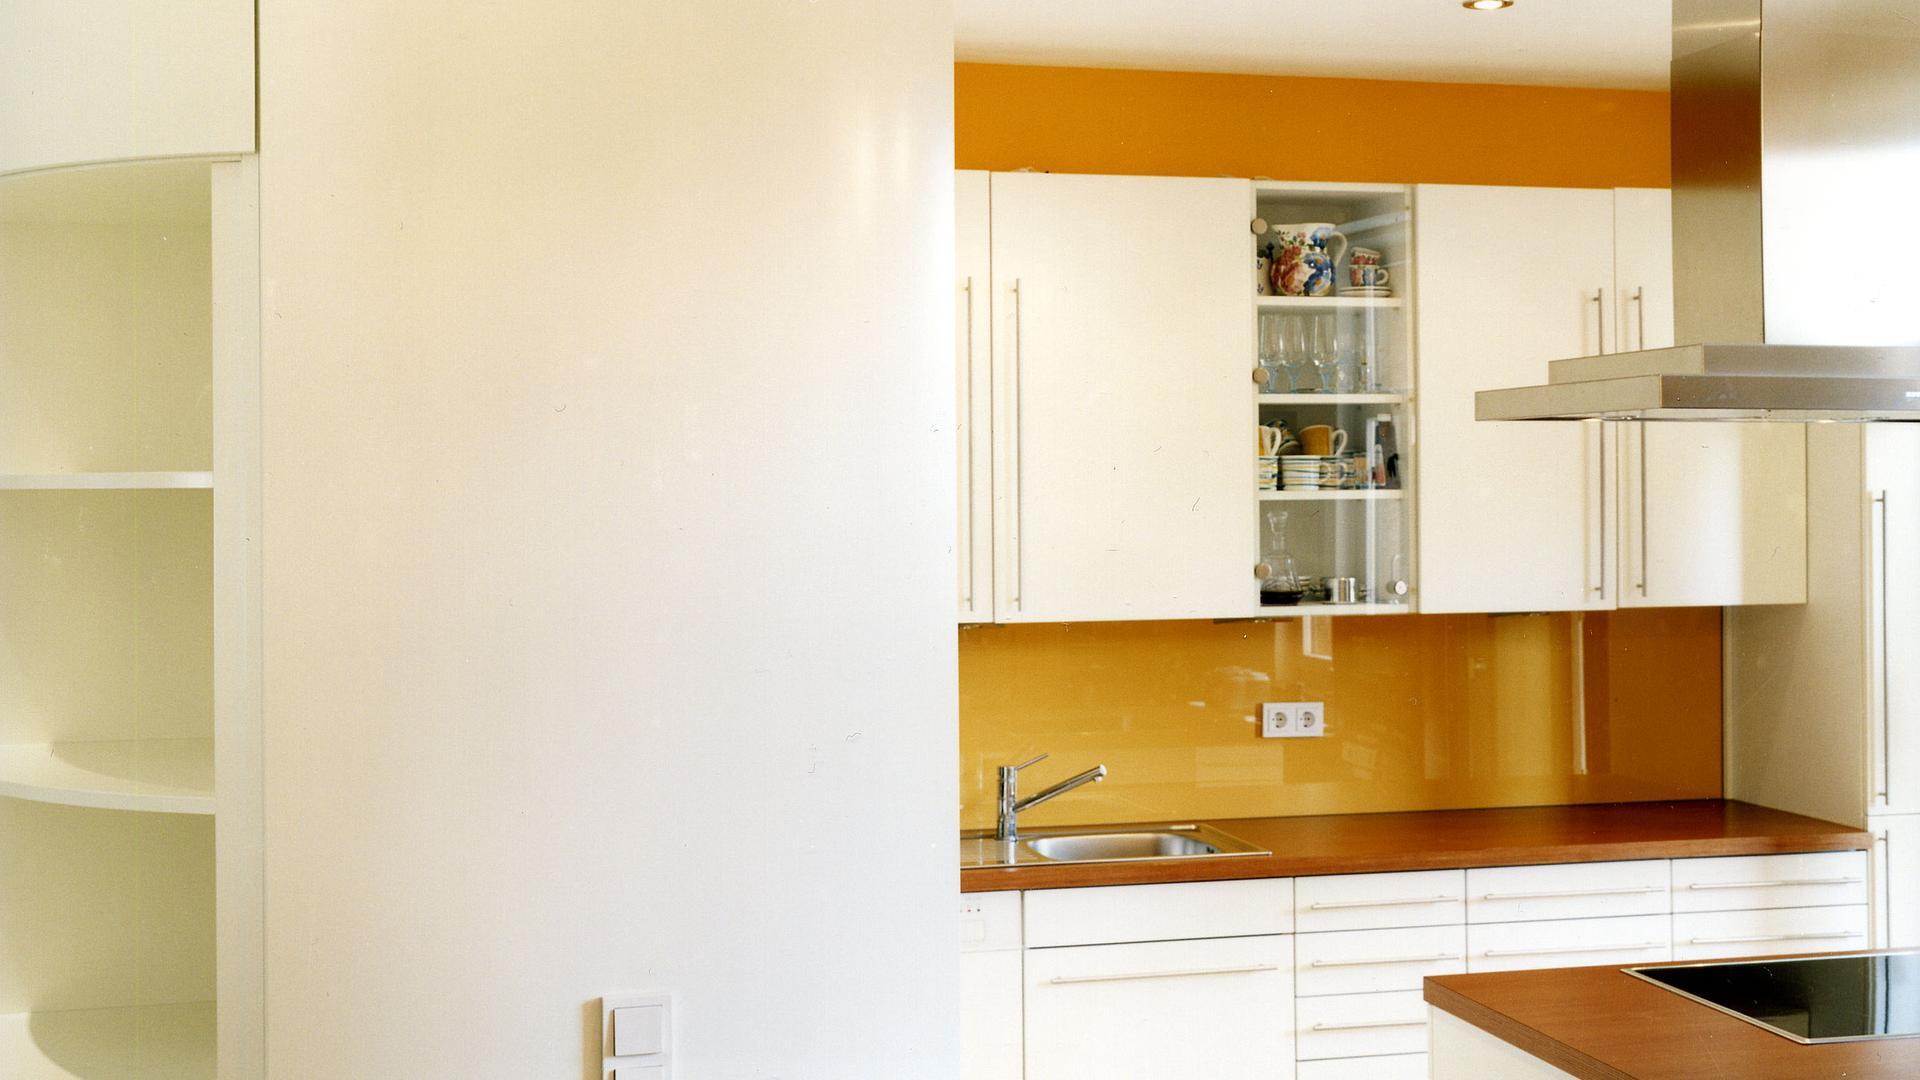 Mehrfamilienhaus Umbau Und Modernisierung Historischer Architektur